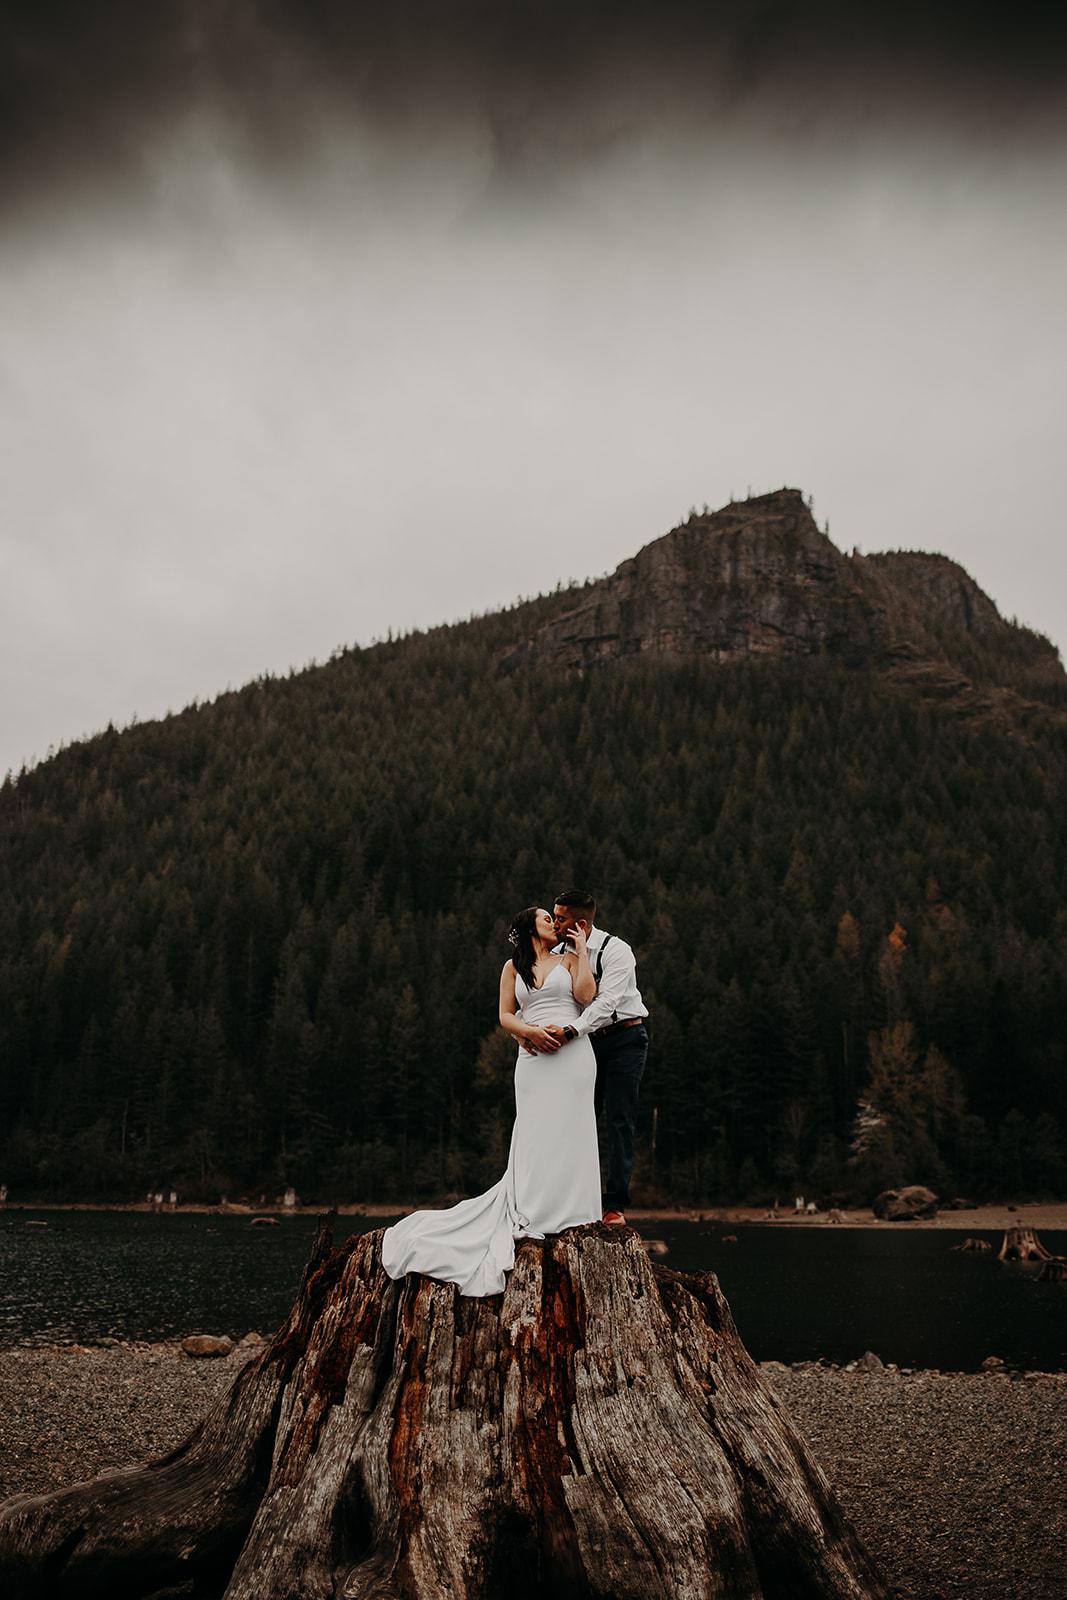 winter-mountain-elopement-asheville-wedding-photographer-megan-gallagher-photographer (79).jpg